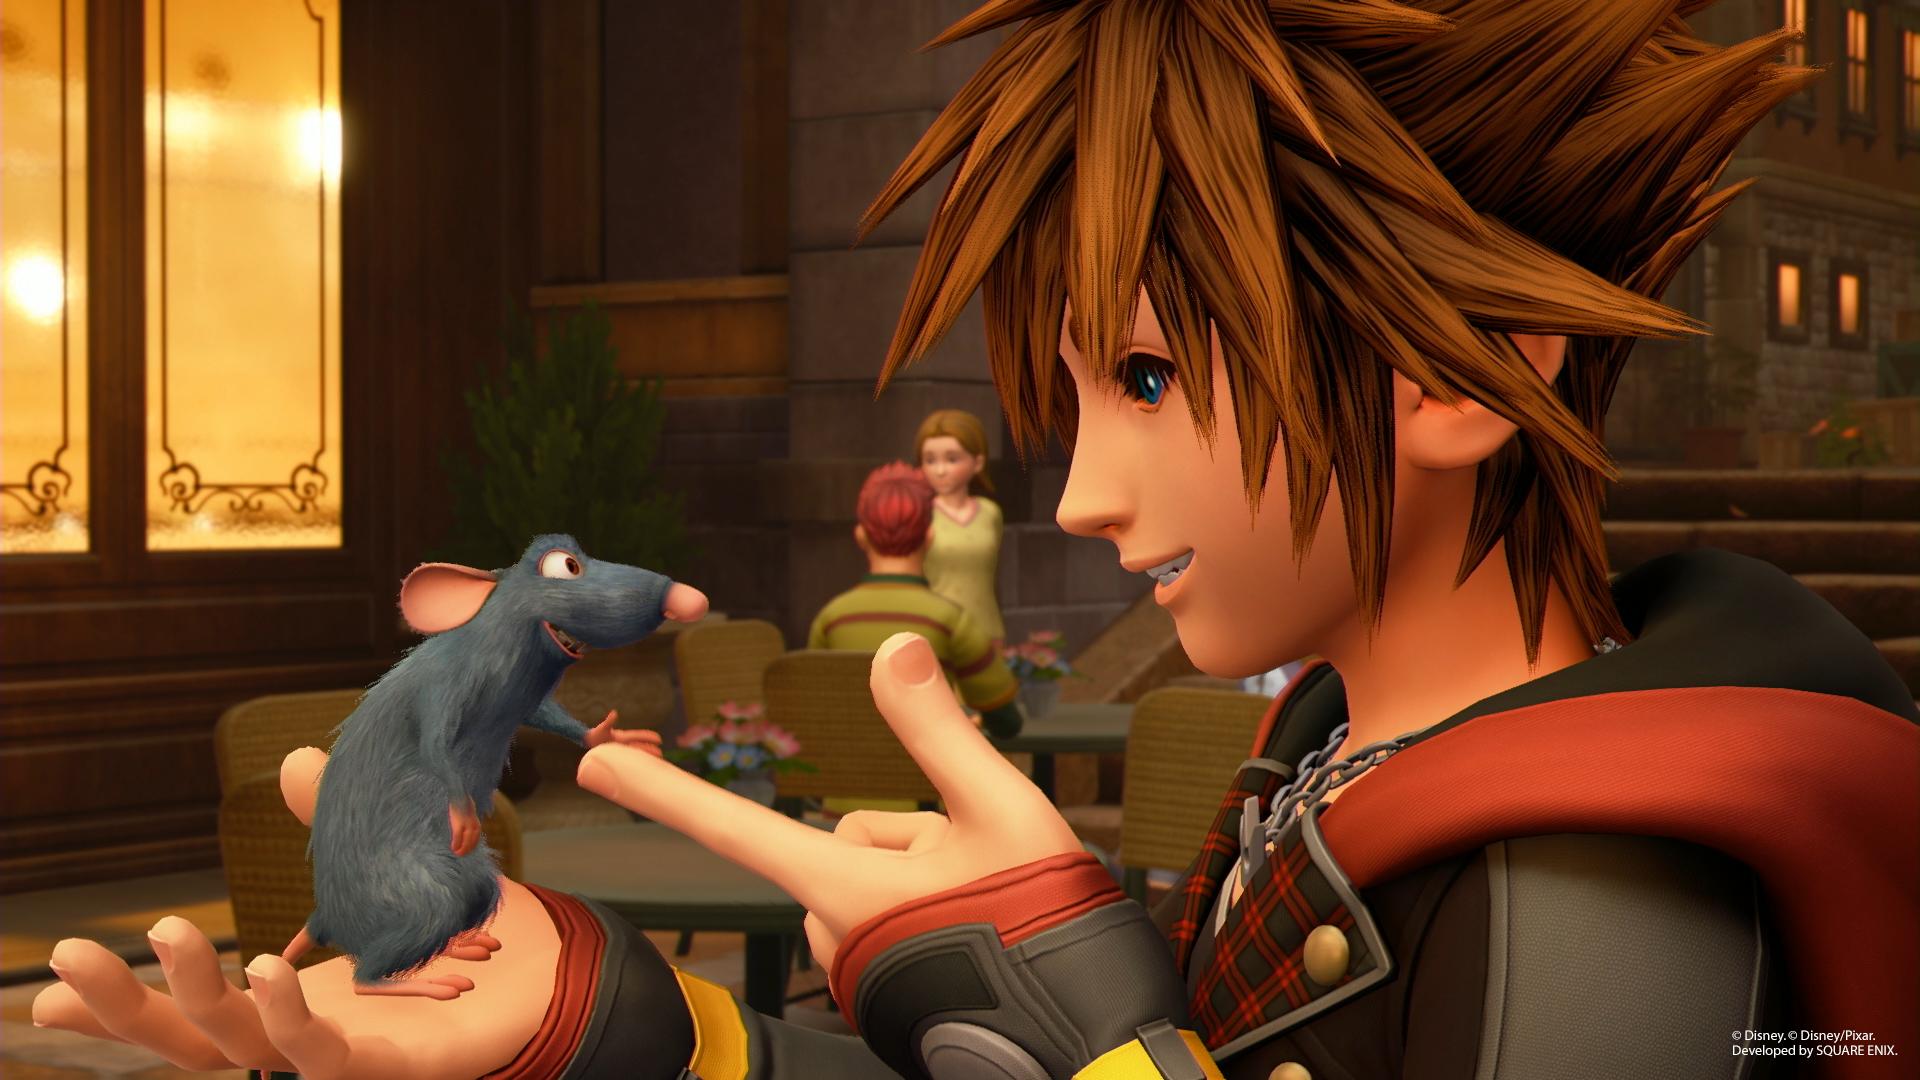 Nuove immagini e render di Kingdom Hearts III!